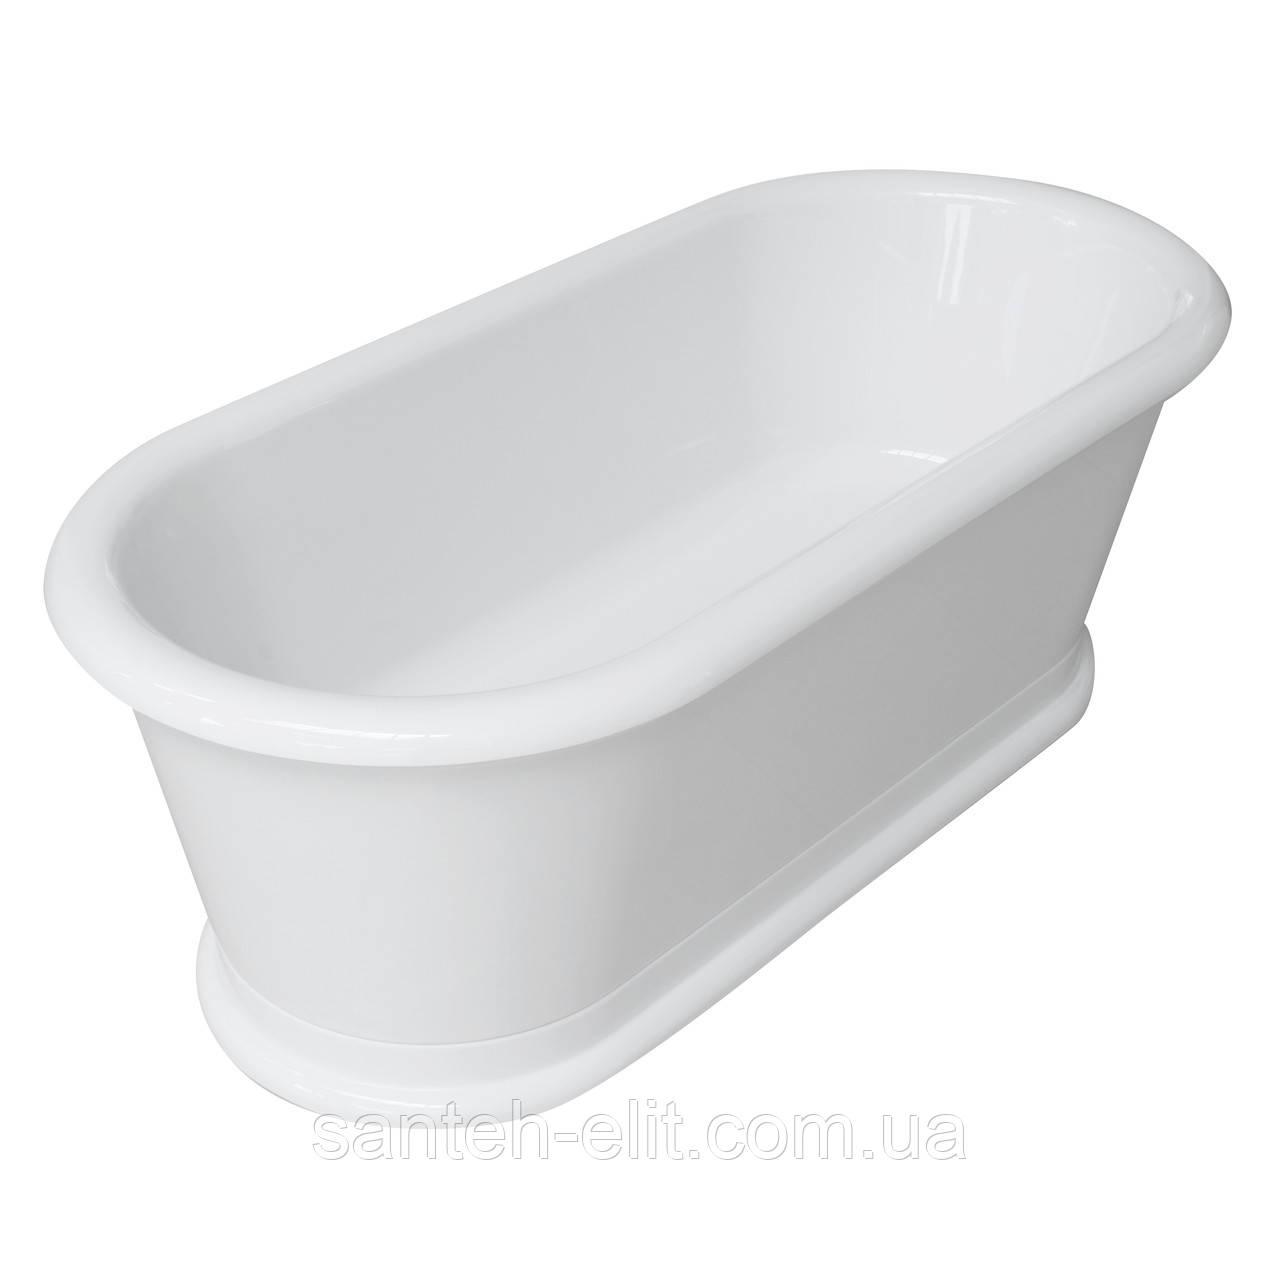 Ванна Volle 180*85*63,5см, отдельностоящая, с сифоном (12-22-807)